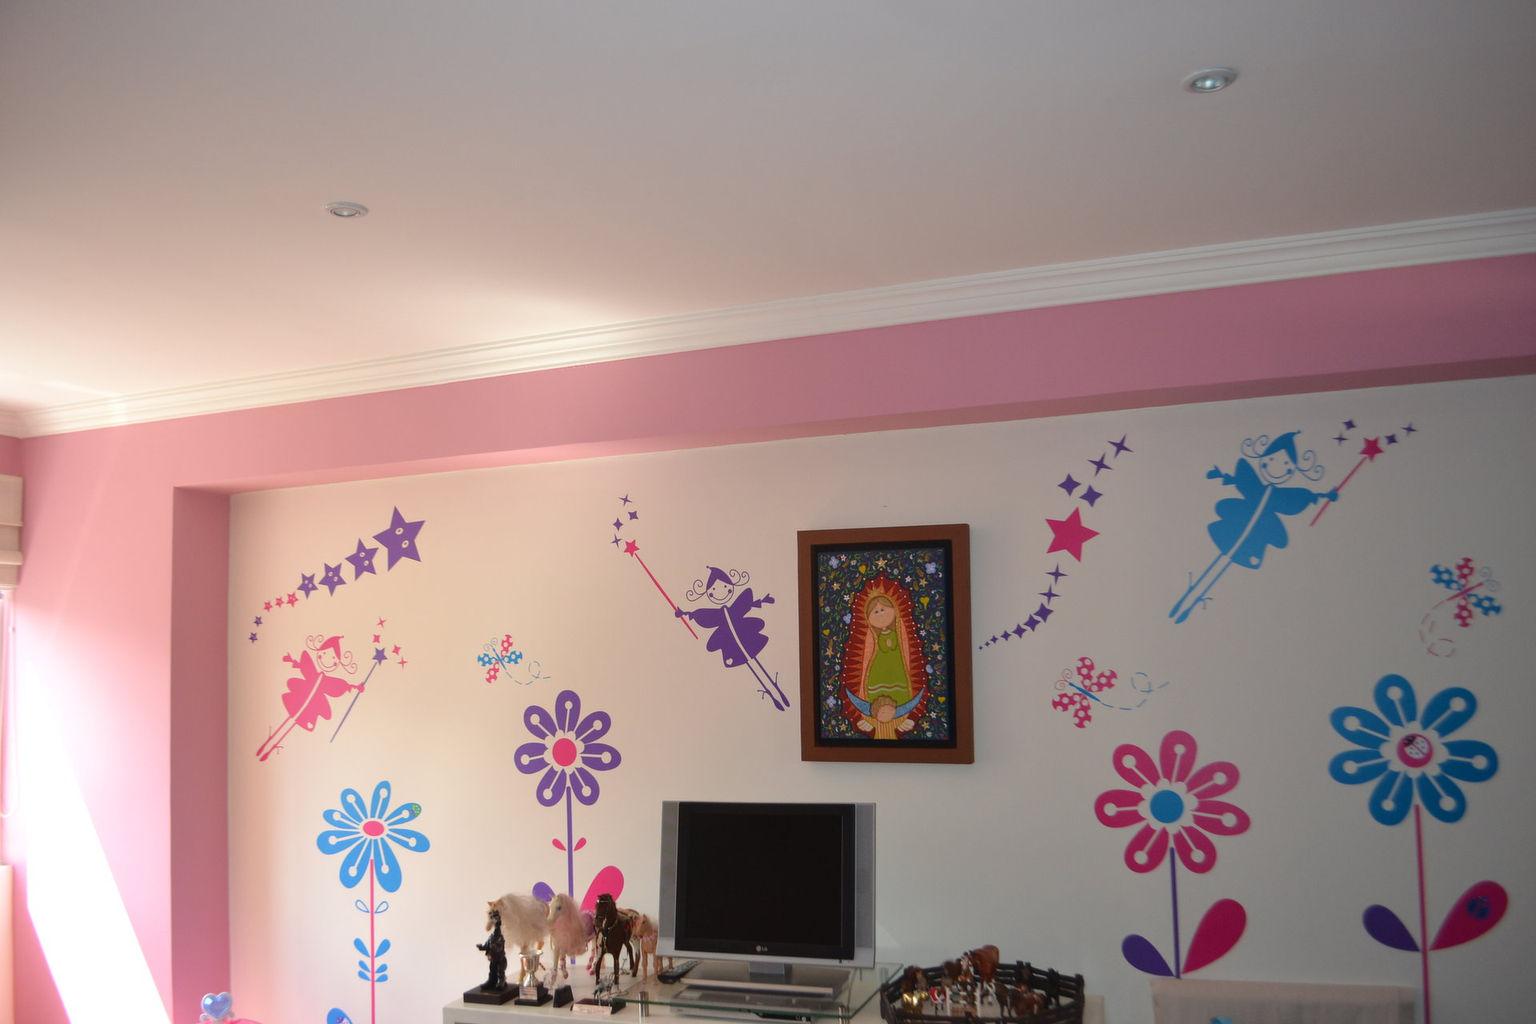 Acabados en vinilo a techos, instalación de moldura en yeso y acabados a muros en diseño infantil